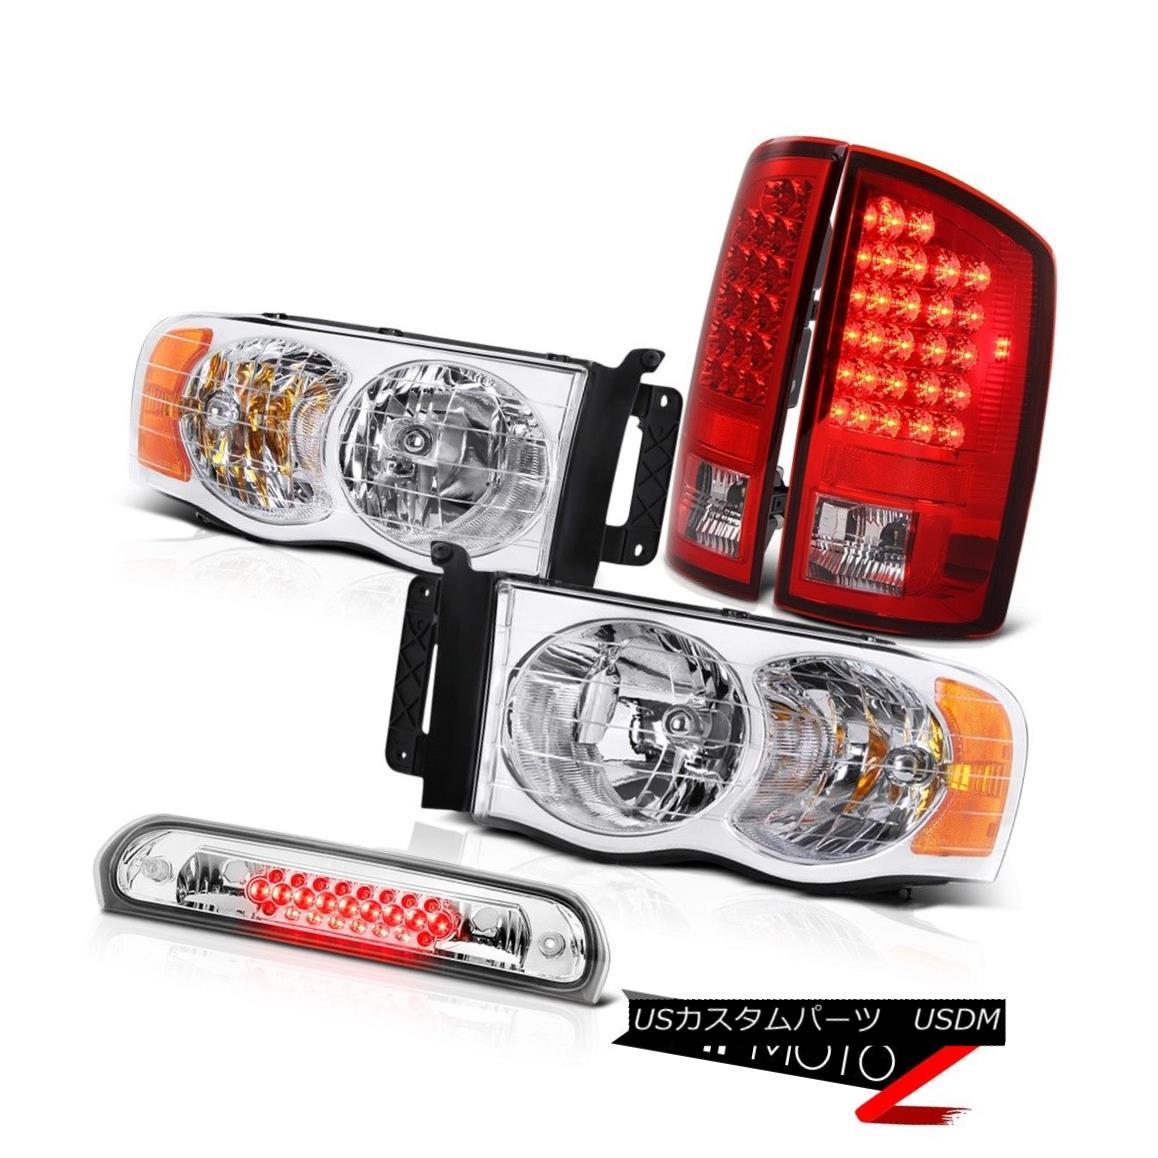 ヘッドライト Crystal Headlights Rosso Red LED Tail Lights Roof Stop Clear 02 03 04 05 Ram V8 クリスタルヘッドライトロッソレッドLEDテールライトルーフストップクリア02 03 04 05 Ram V8